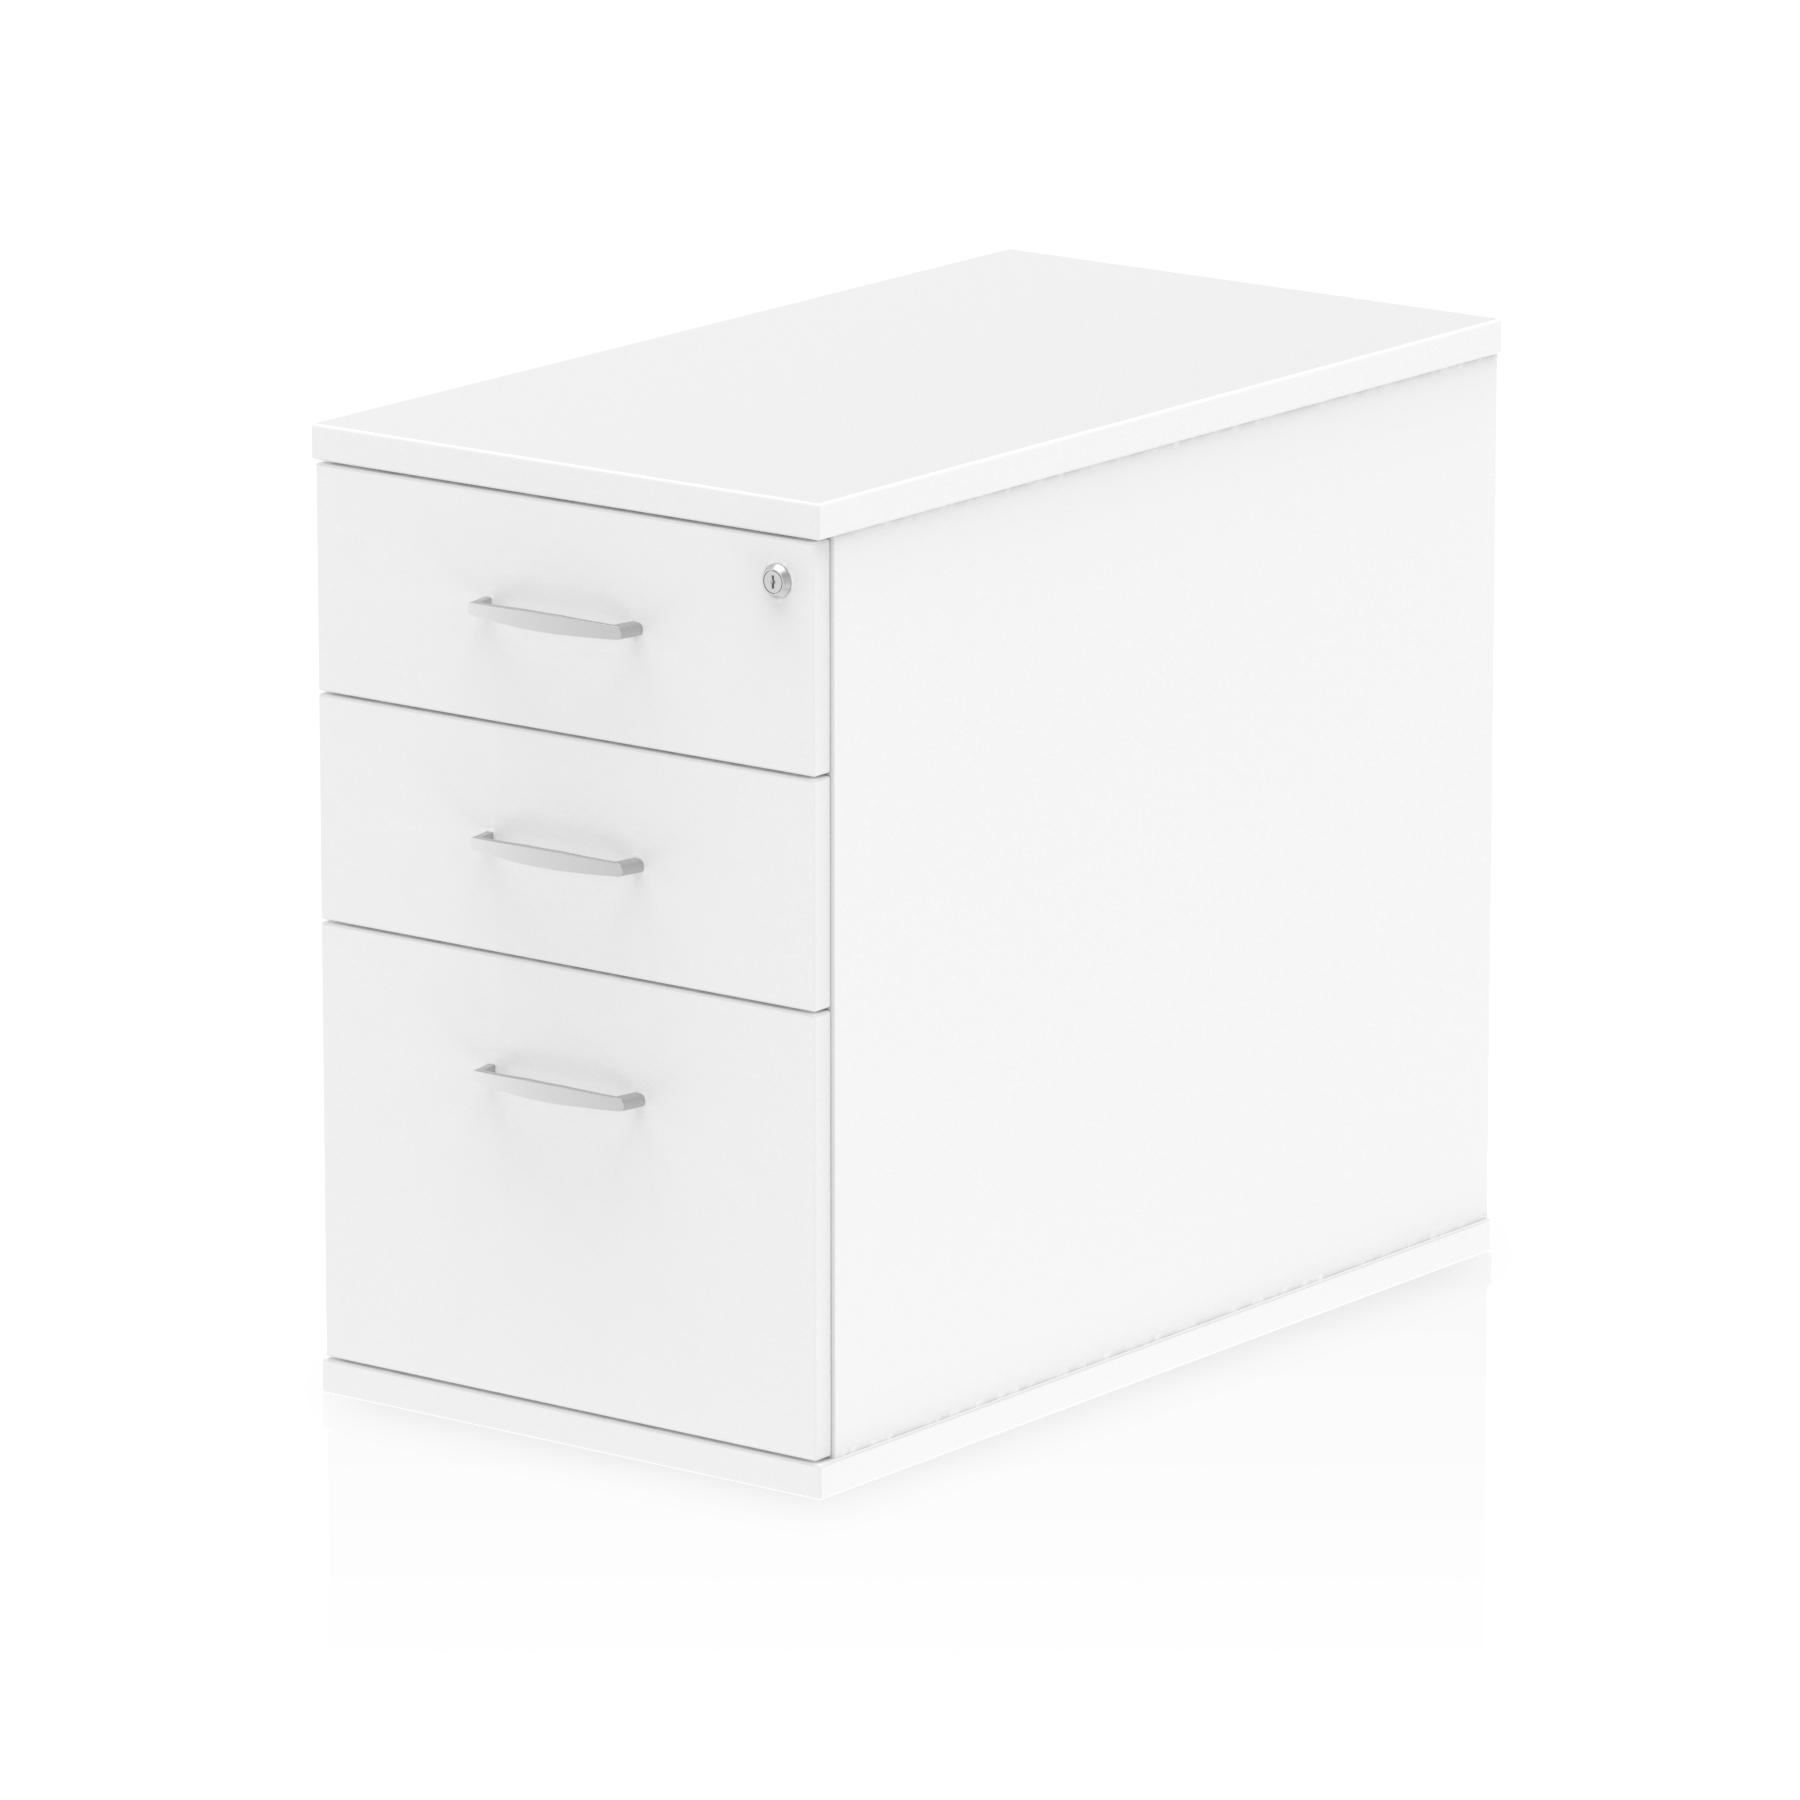 3 Drawer Impulse 800mm Deep 3 Drawer Desk High Pedestal White I000191